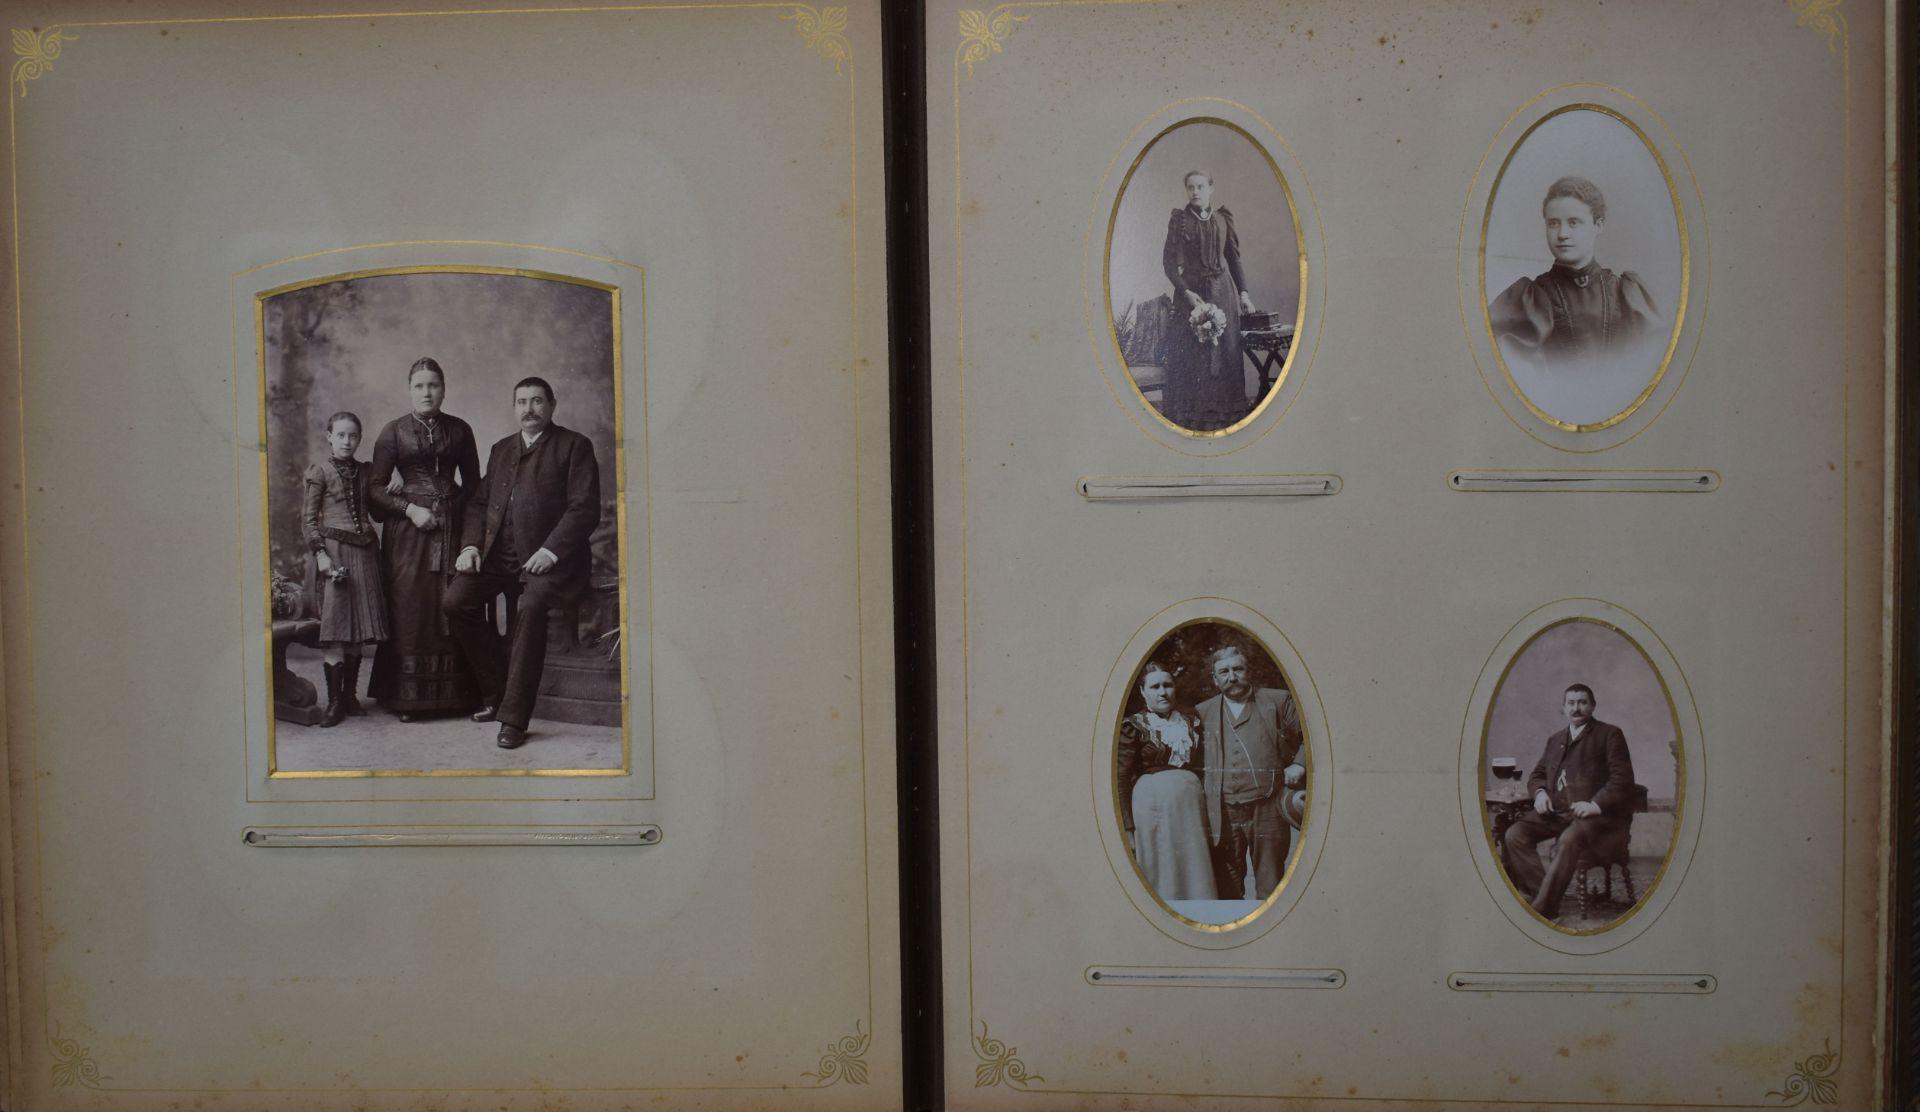 Fotoalbum, Deutsch um 1880, - Bild 3 aus 5